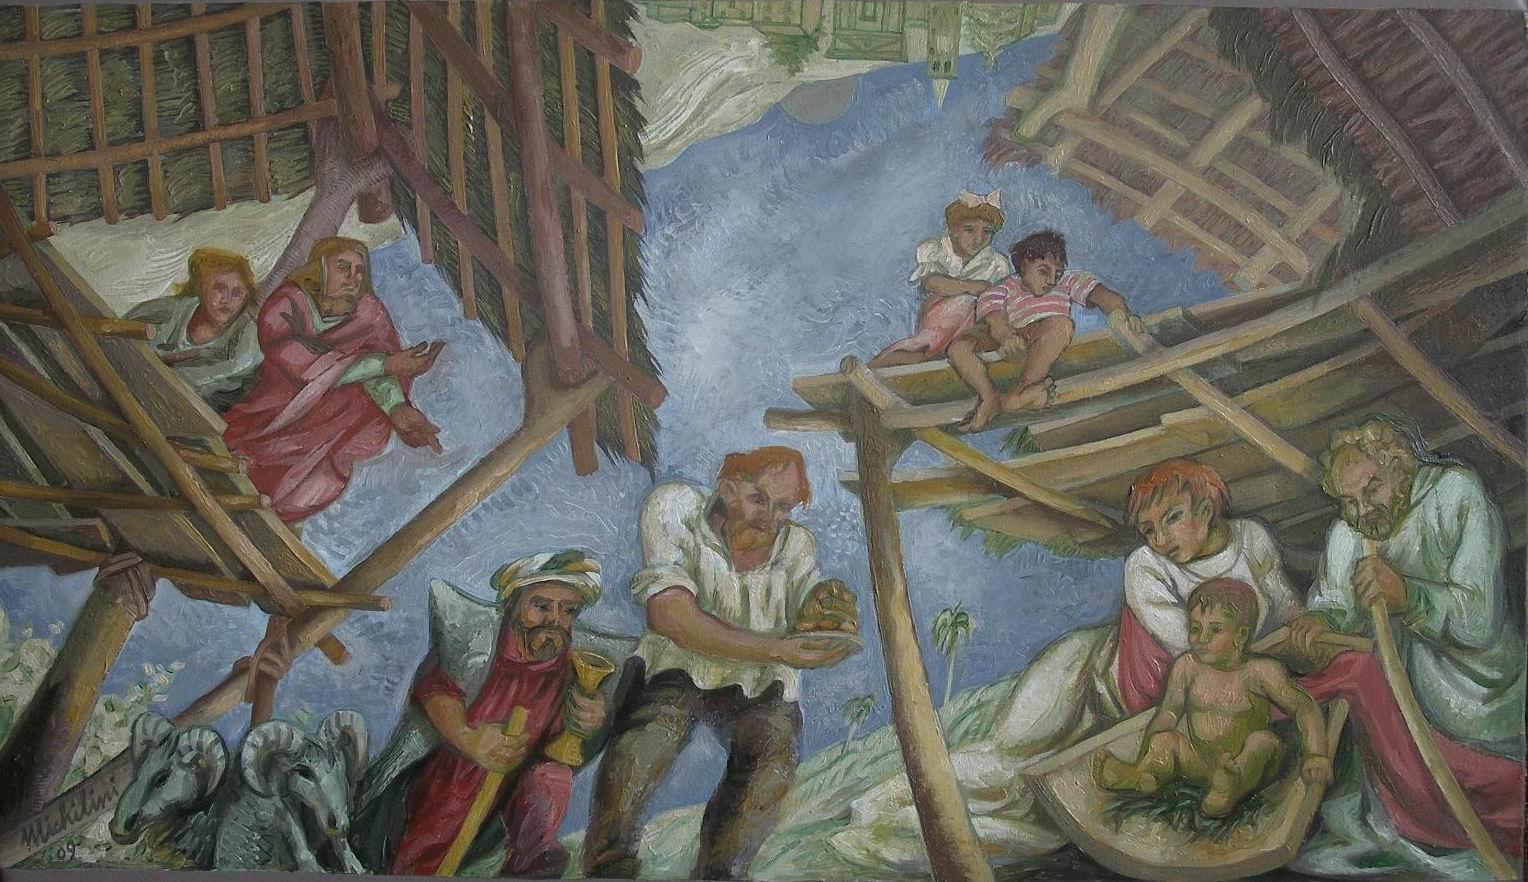 Sergio Michilini,2009, NATIVITA', olio su tela, cm.60x80, studio policromia per affresco sulla volta della Chiesa Parrocchiale di San Martino al Tagliamento, Udine.